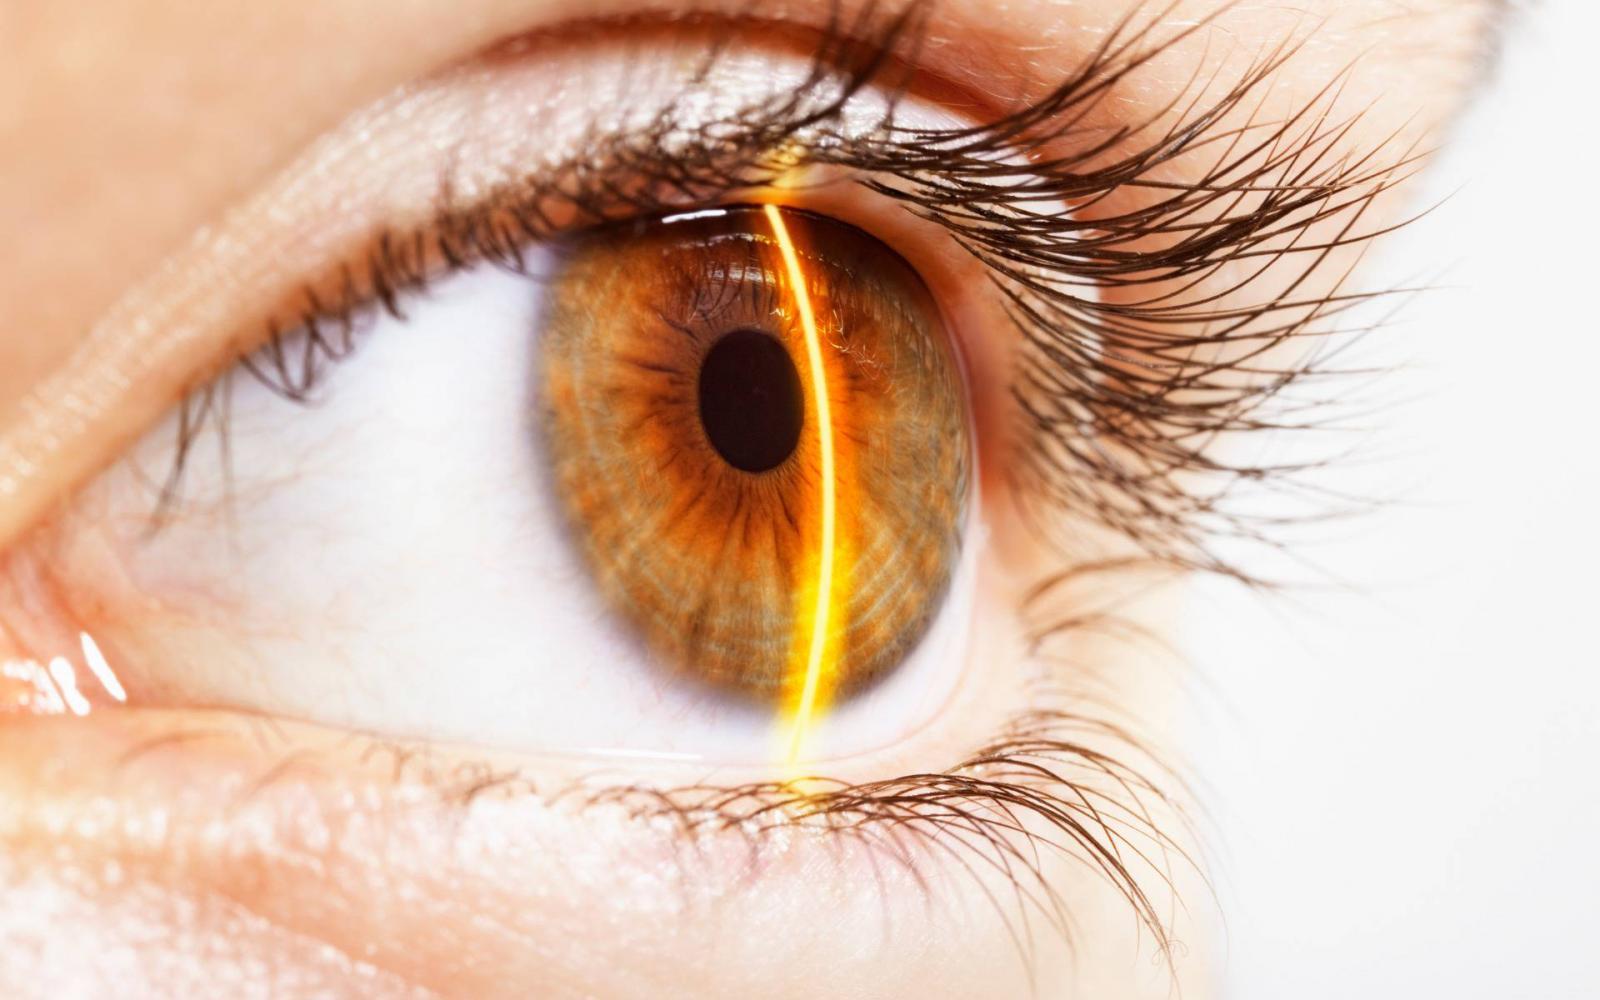 oko-plus látásjavító gyógyszer